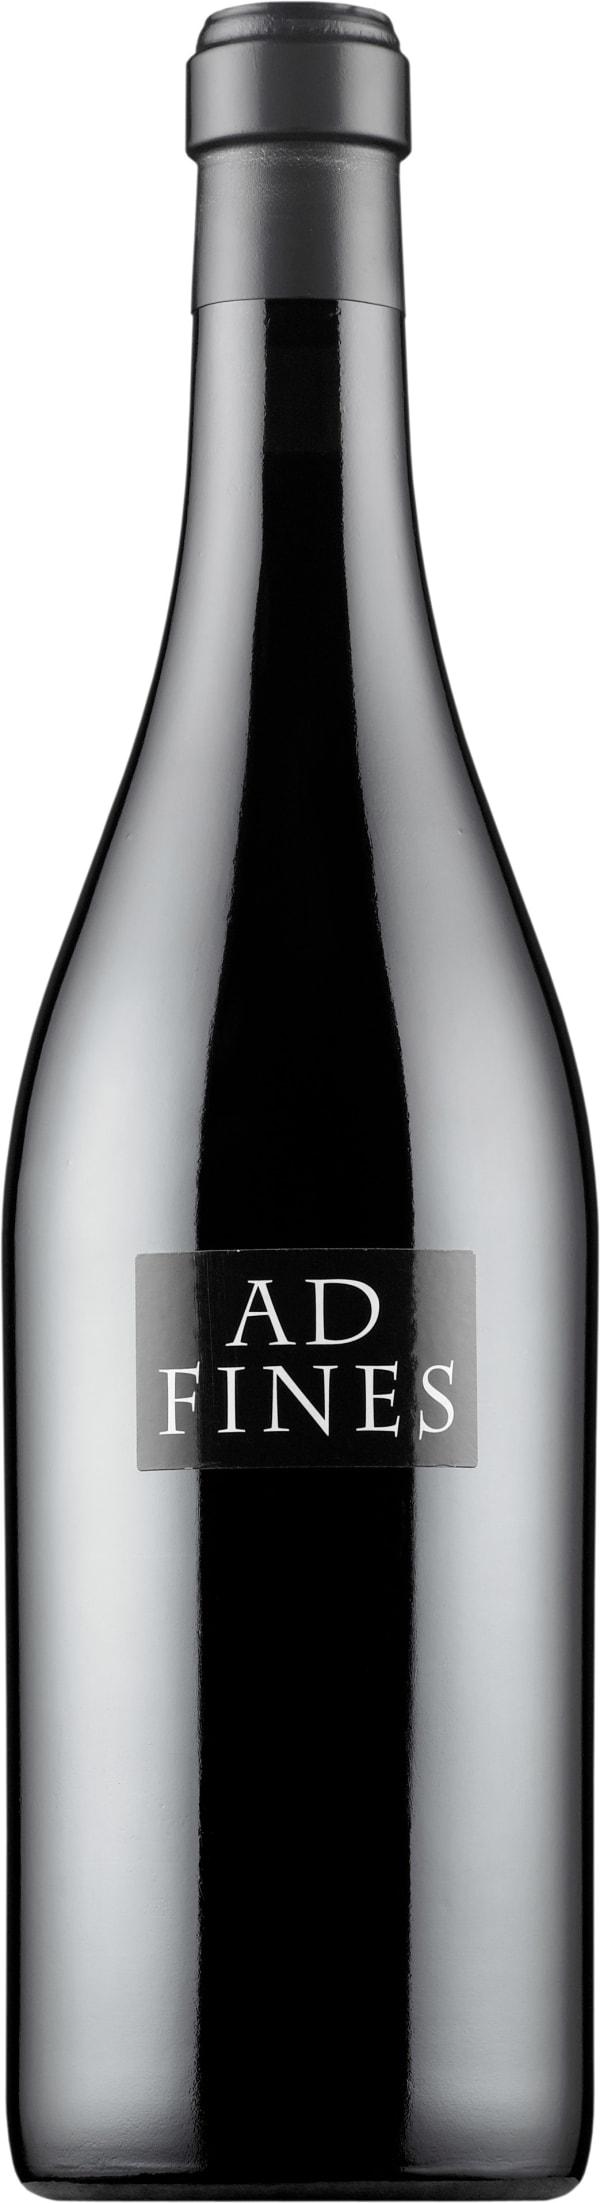 Ad Fines 2013